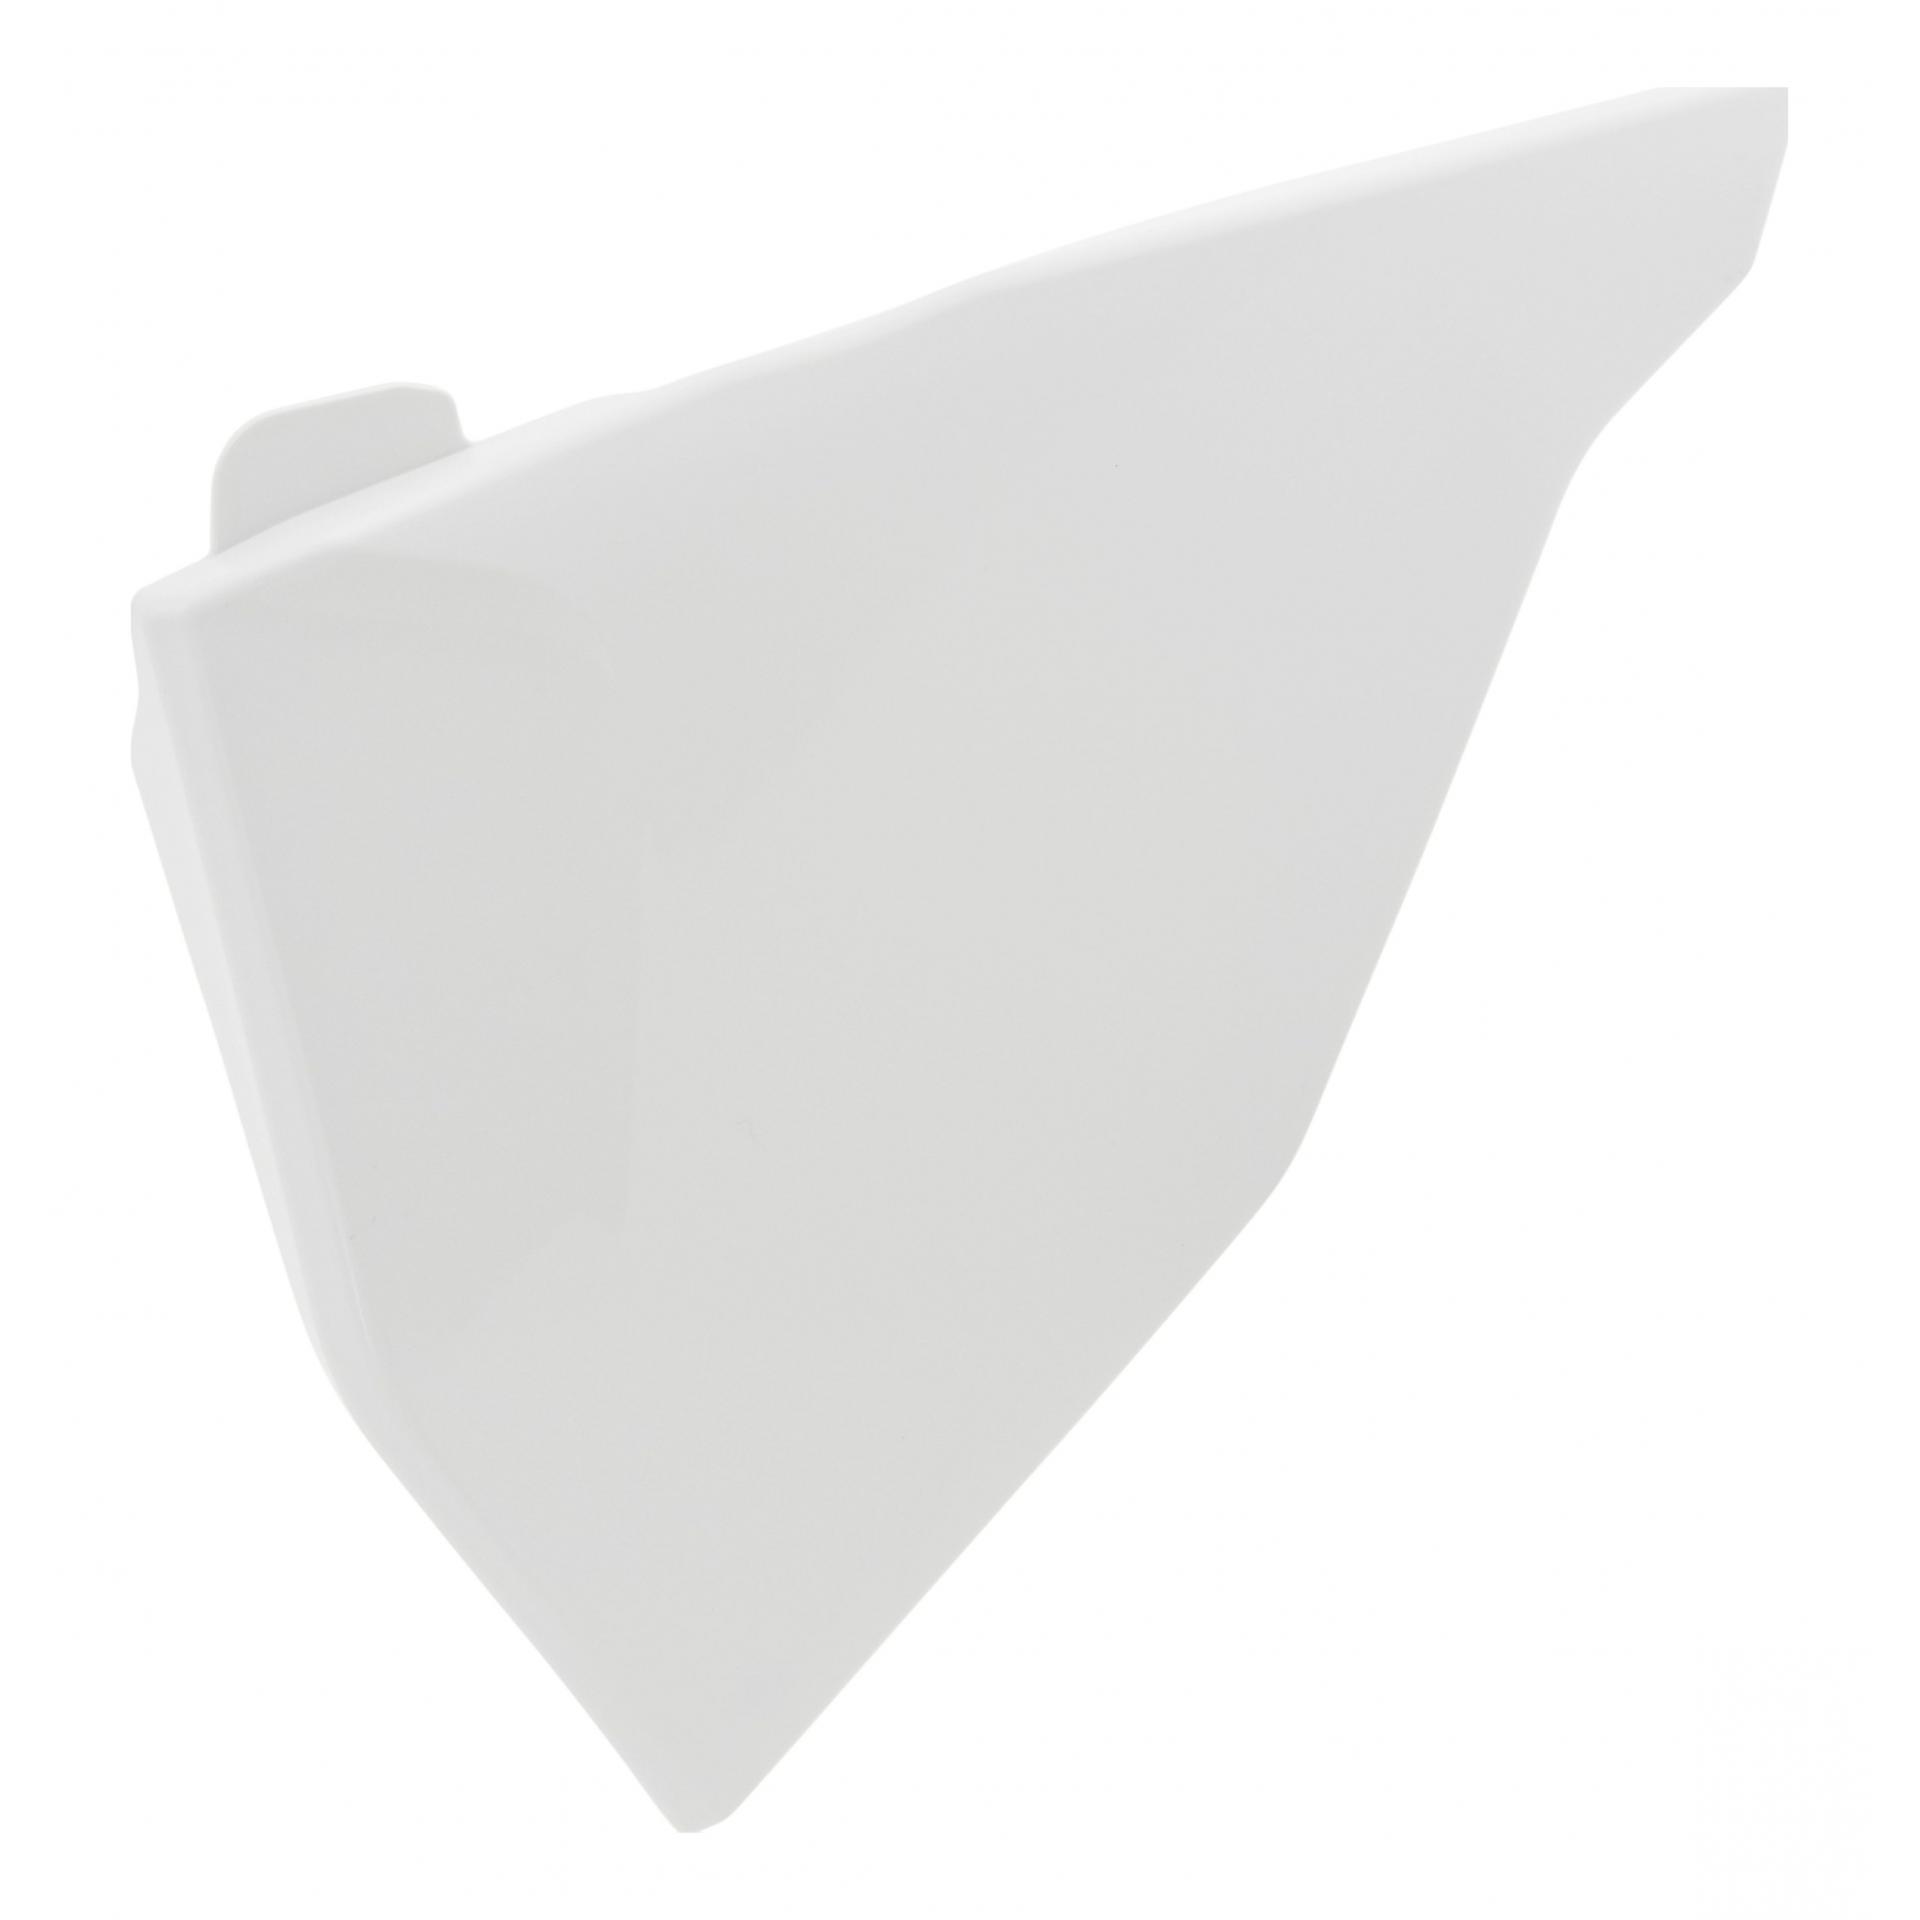 Cache de boîte à air Acerbis KTM 125 SX 2019 blanc